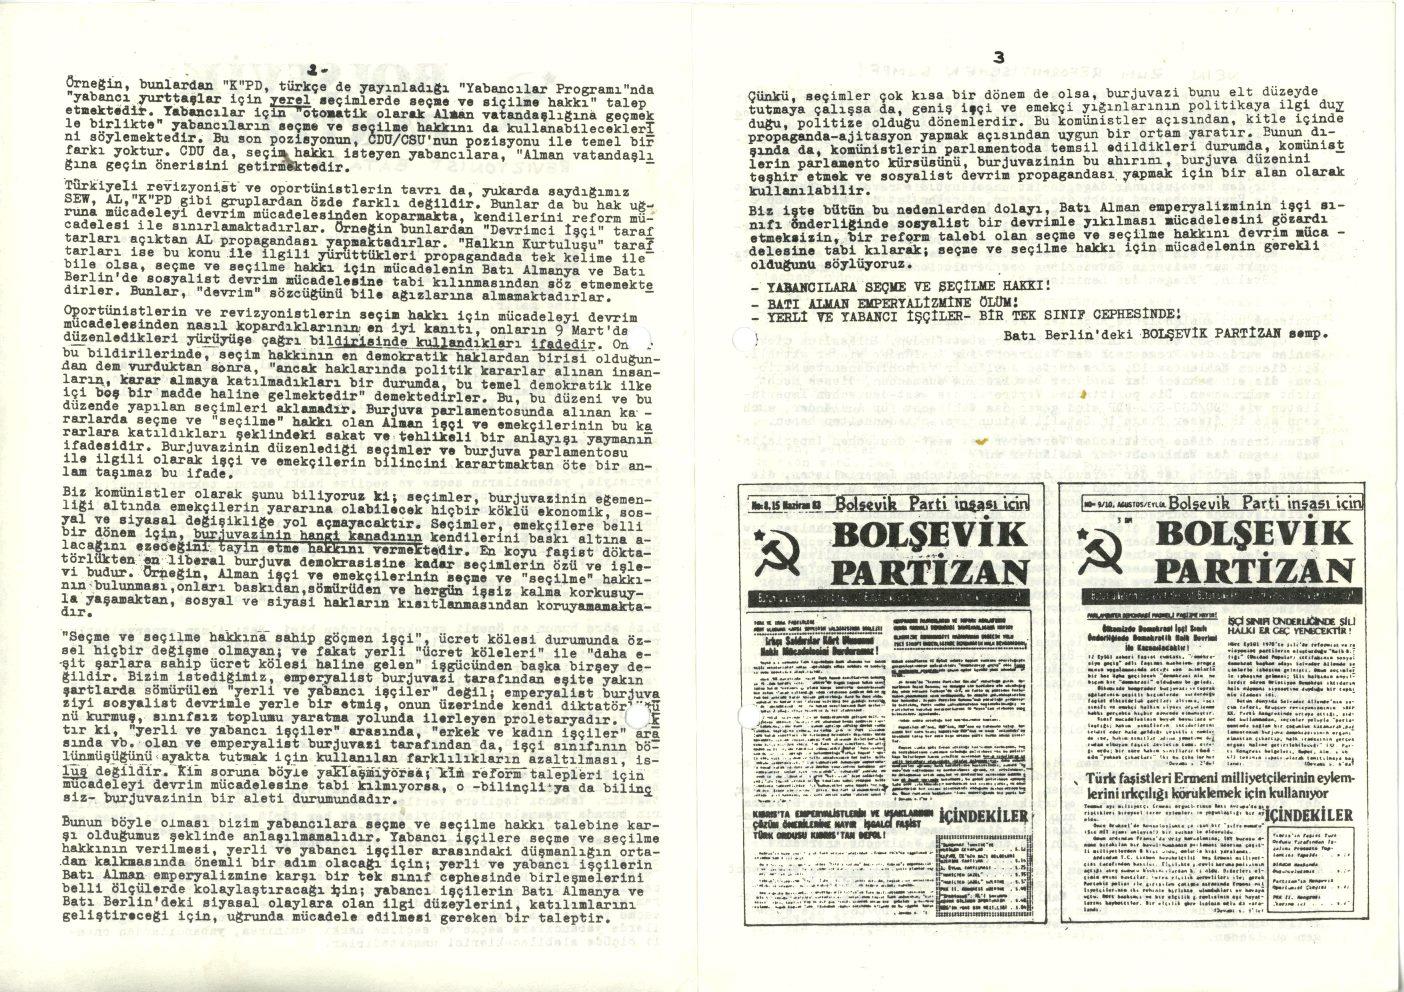 Tuerkei_Bolsevik_Partizan_Flugschriften_1985_08_03